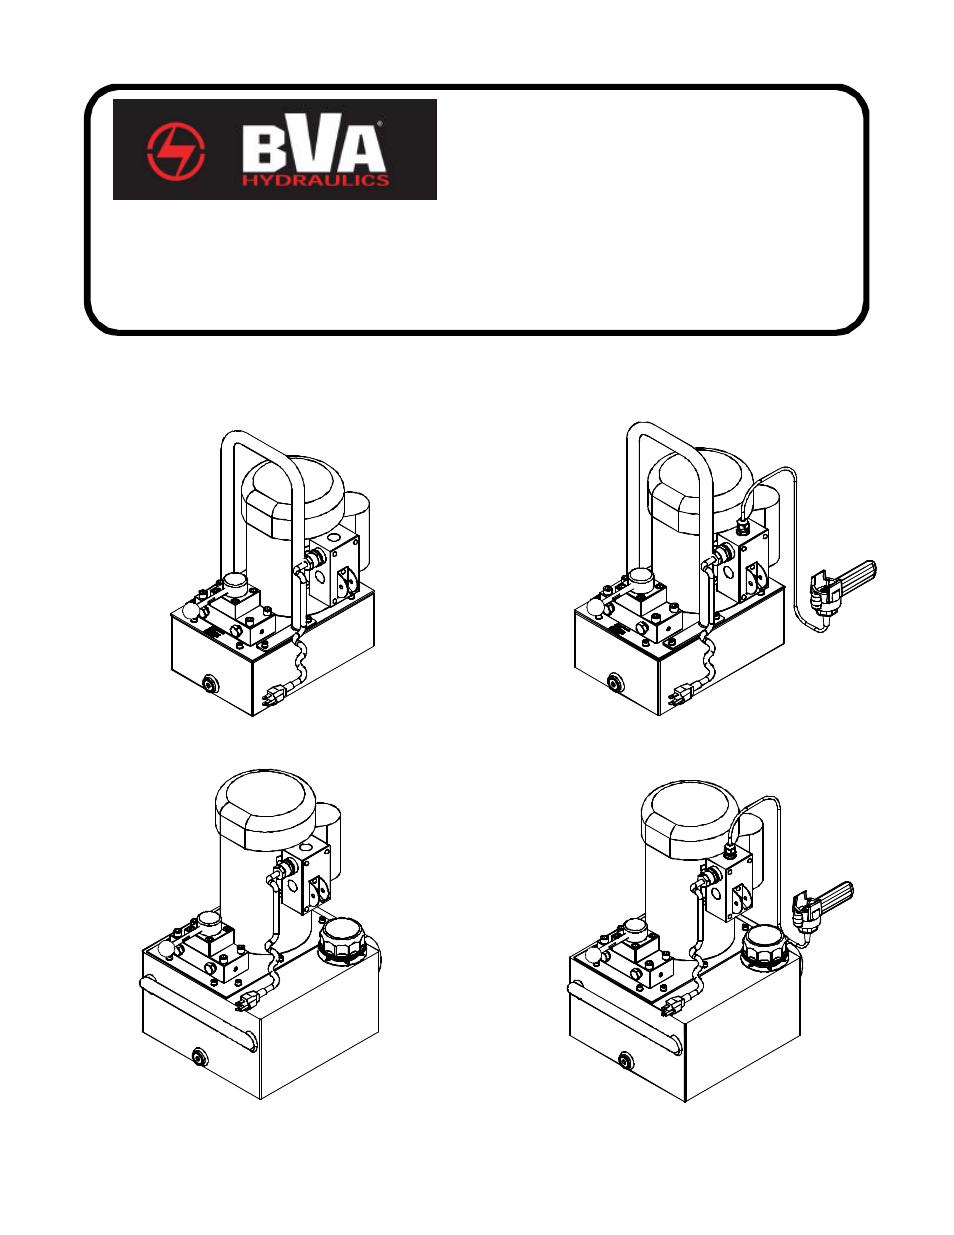 BVA Hydraulics PEW0501, PEW1002, PEW1503, PEW3005 User